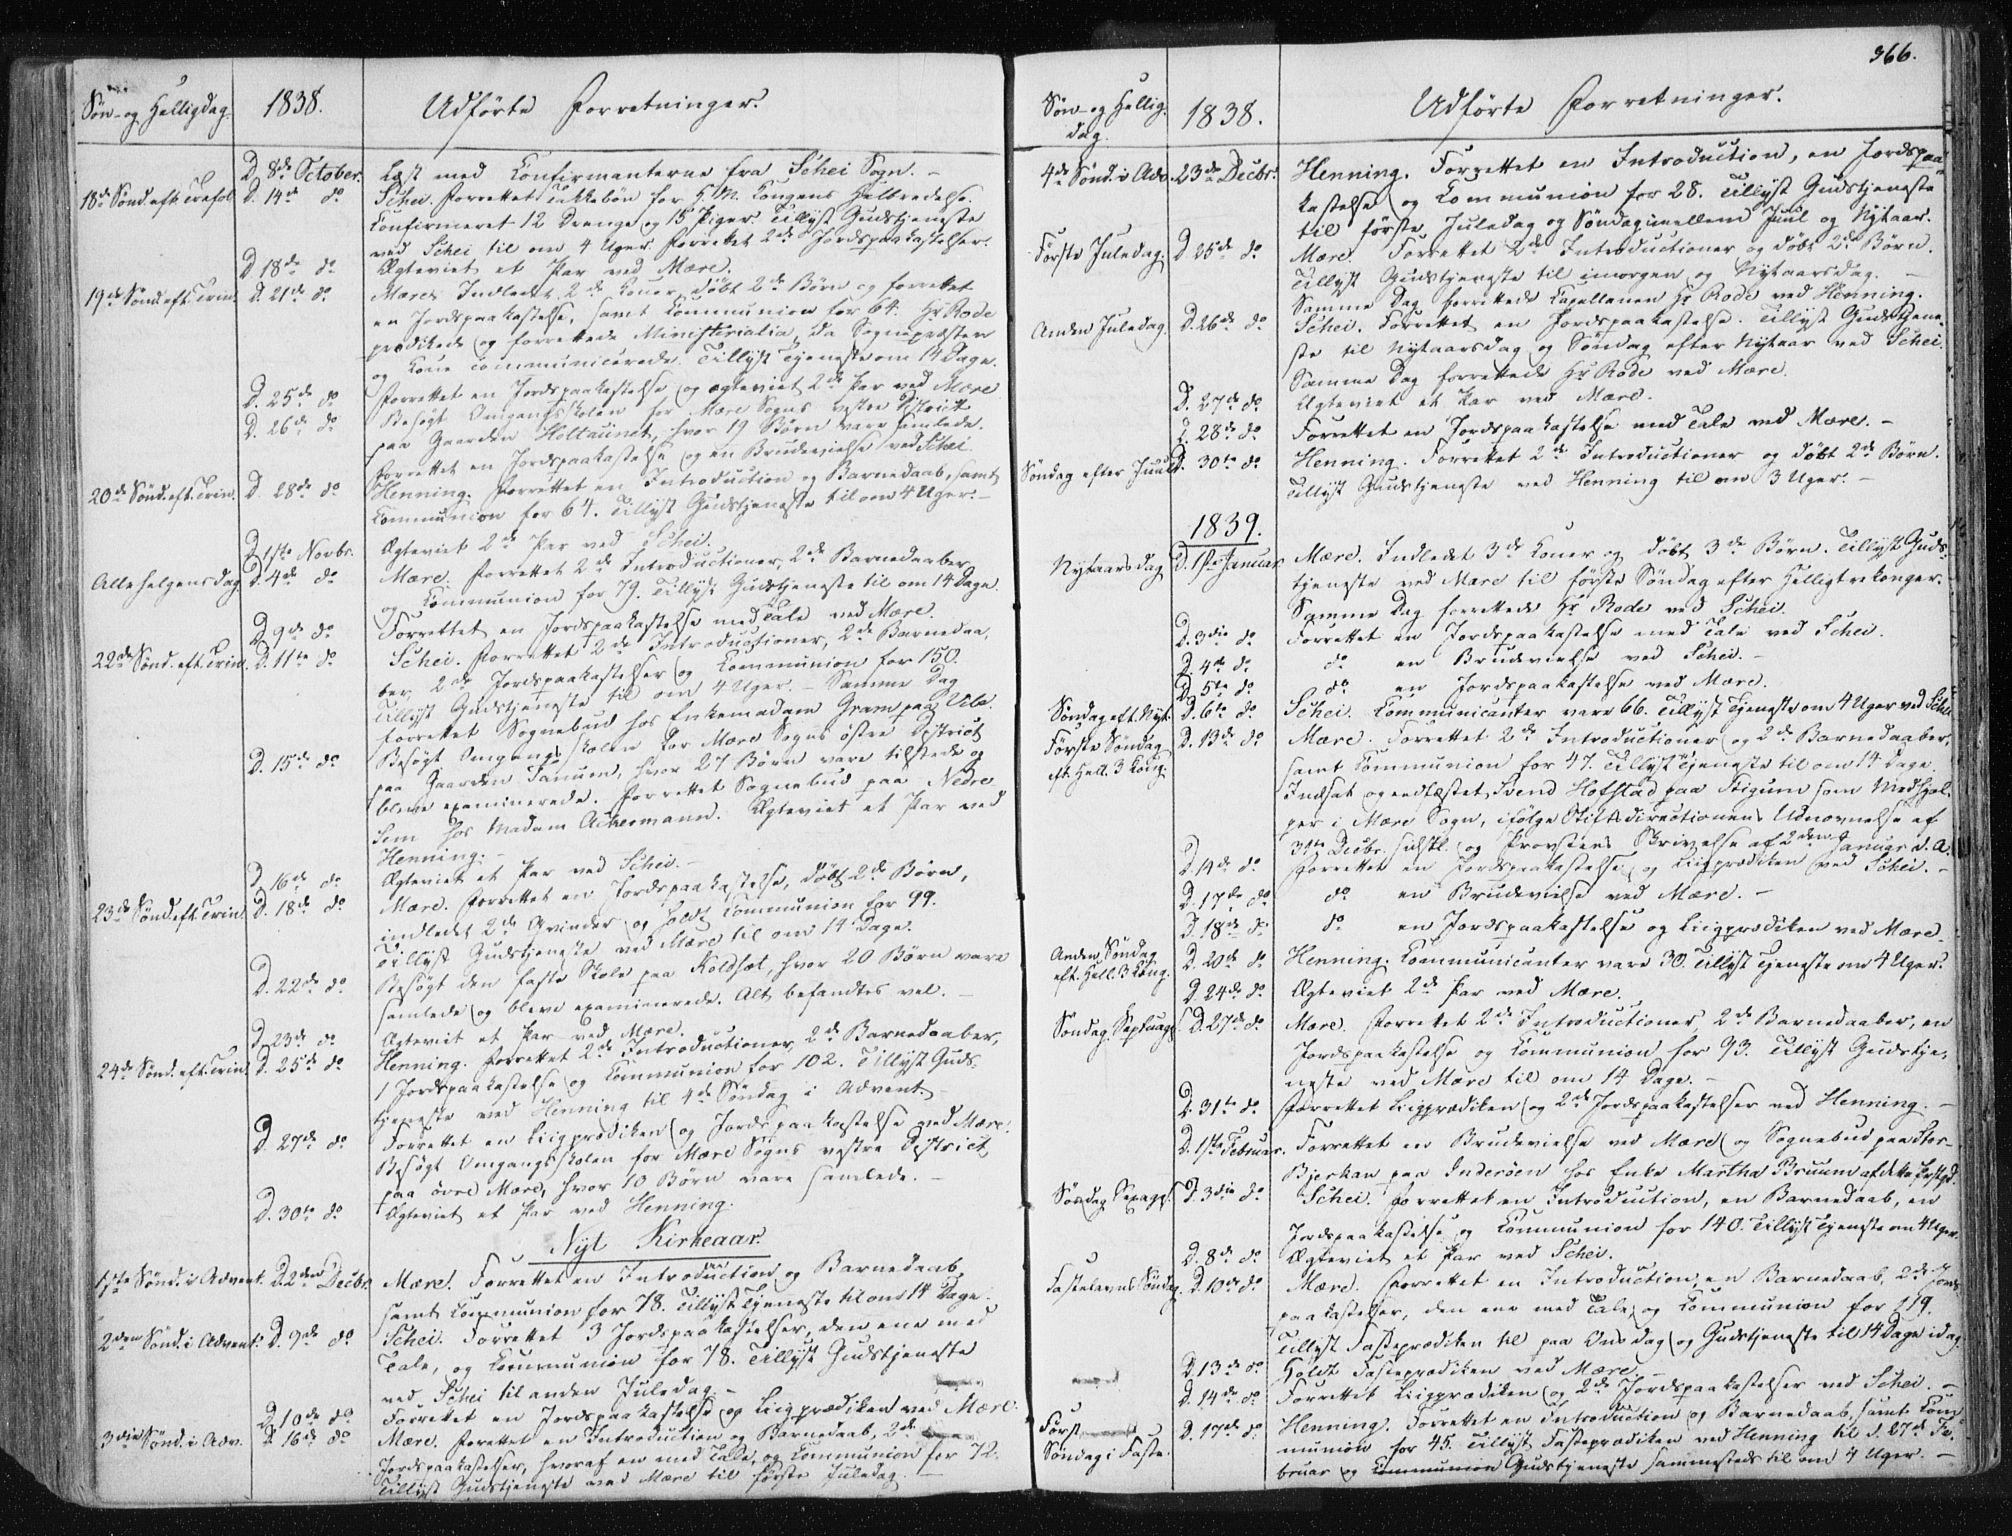 SAT, Ministerialprotokoller, klokkerbøker og fødselsregistre - Nord-Trøndelag, 735/L0339: Ministerialbok nr. 735A06 /1, 1836-1848, s. 366